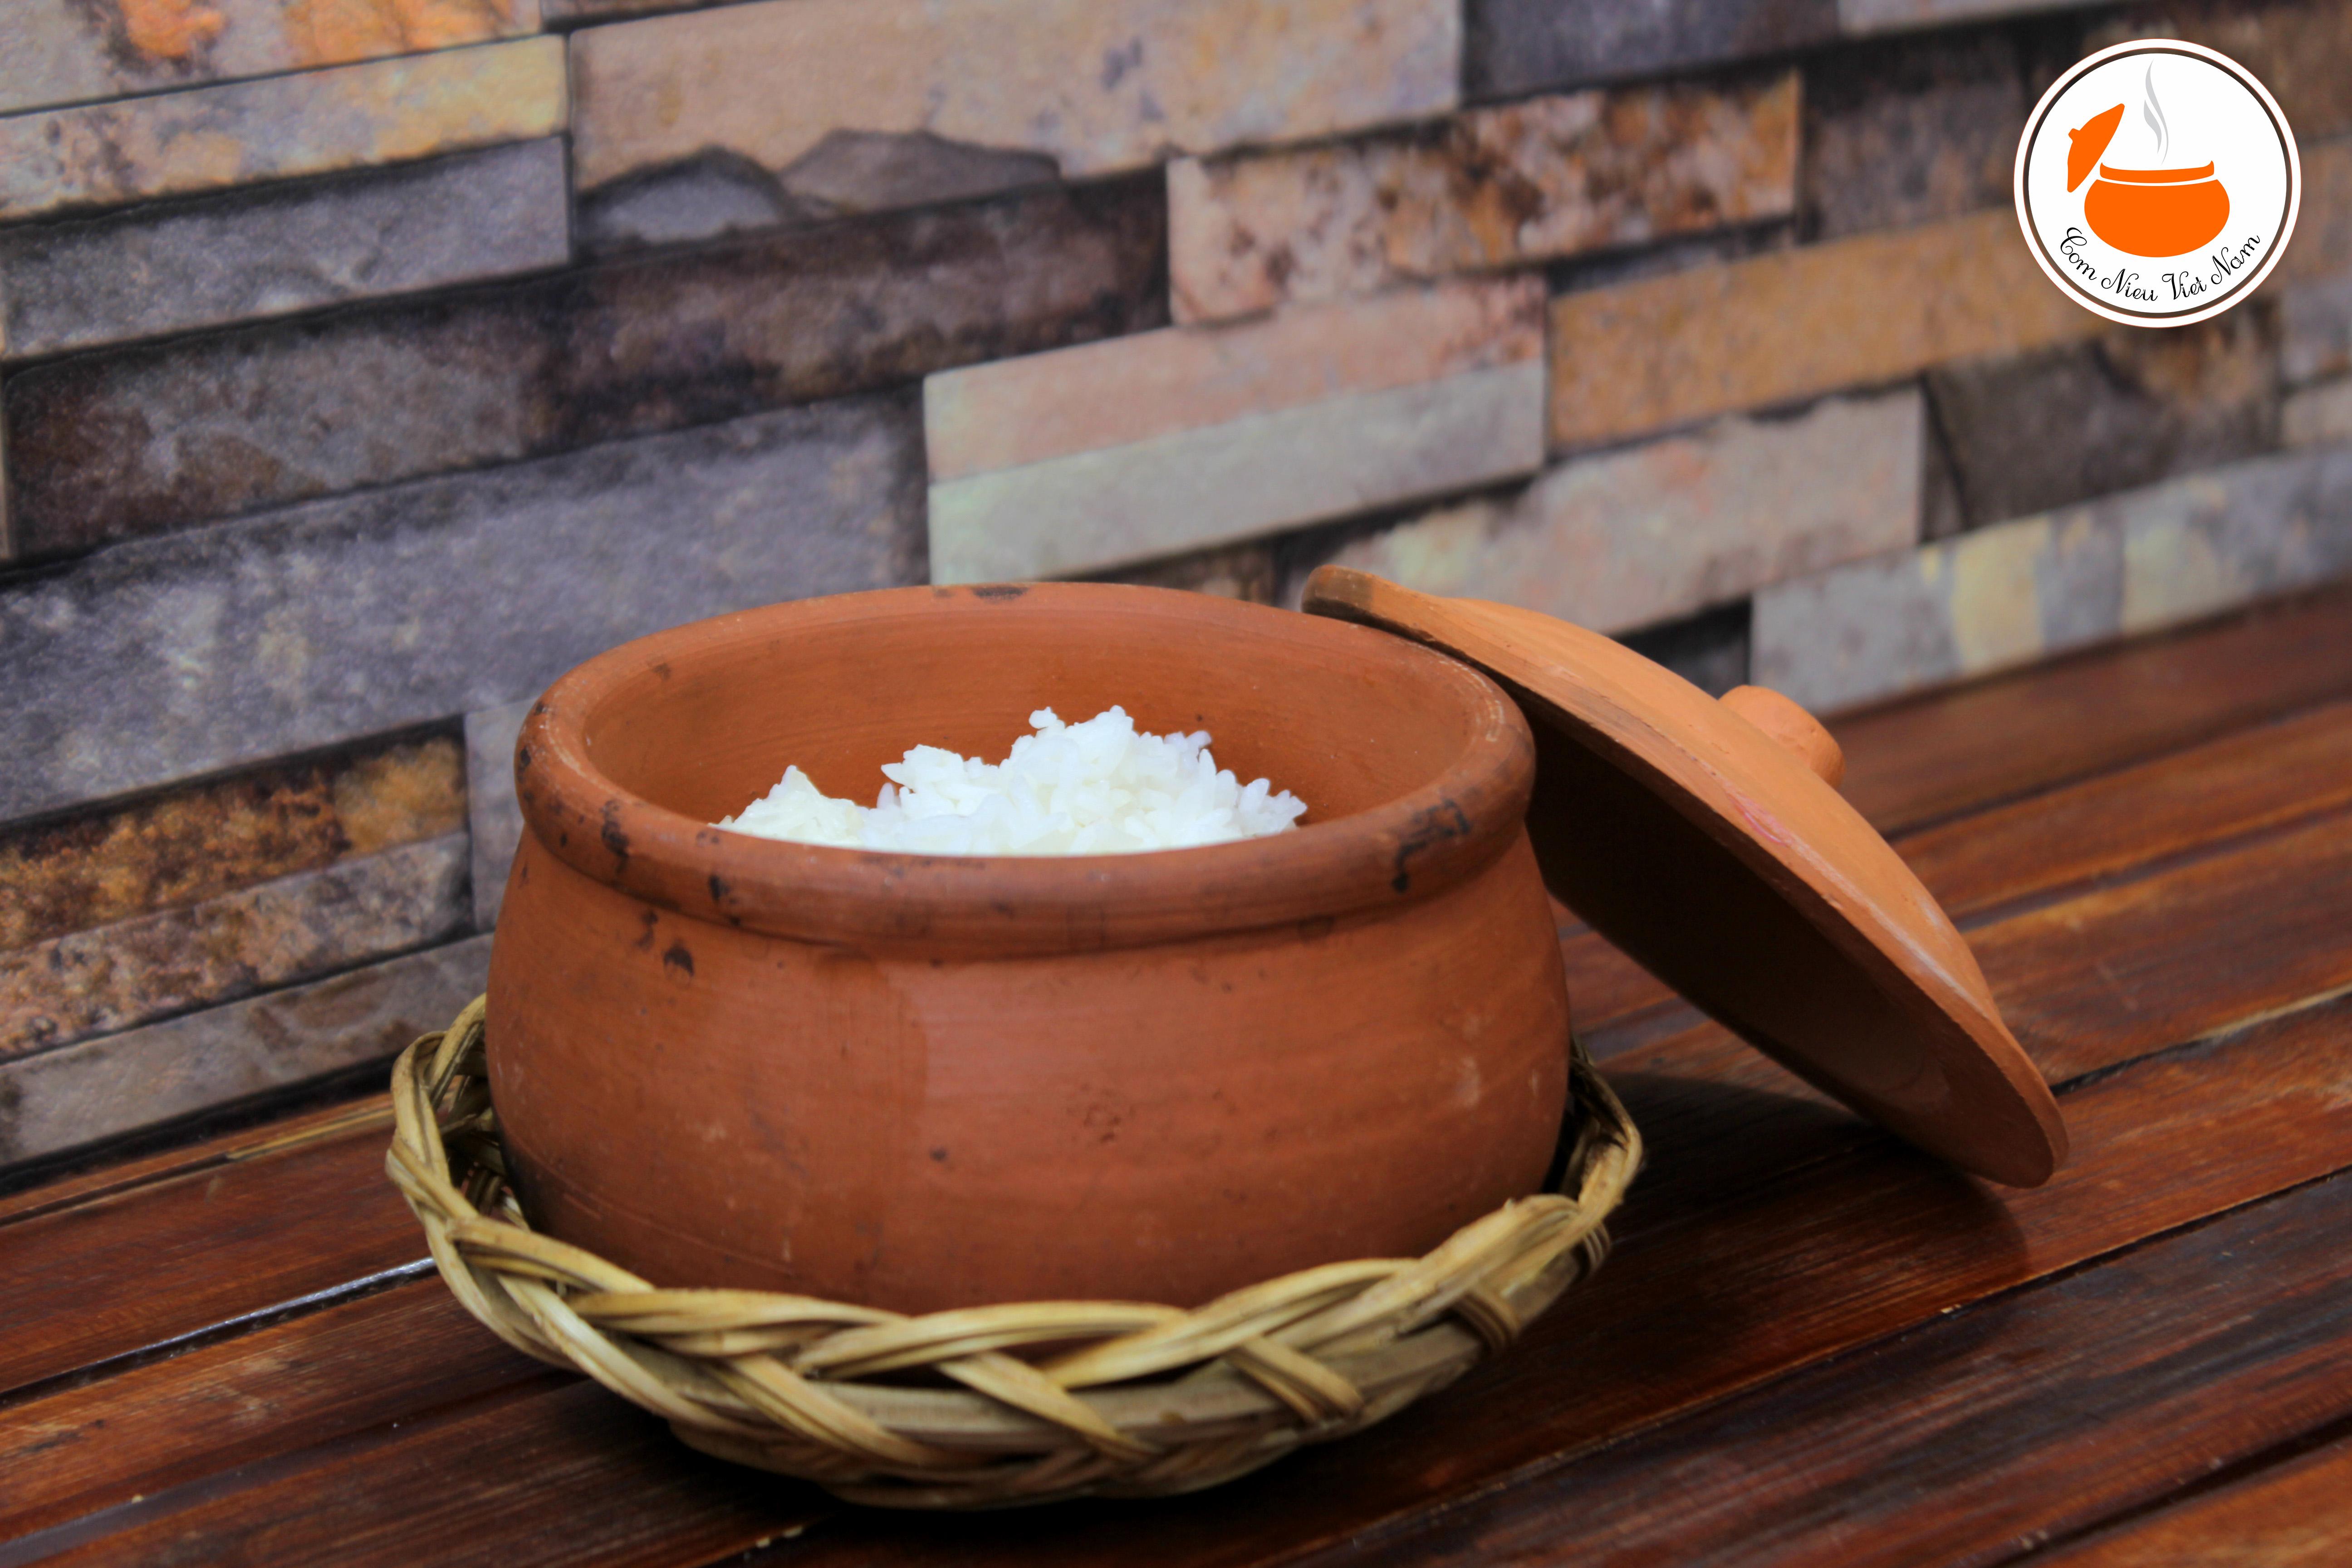 Cơm Niêu nấu bằng gạo gì? Địa chỉ bán cơm niêu ngon nhất?